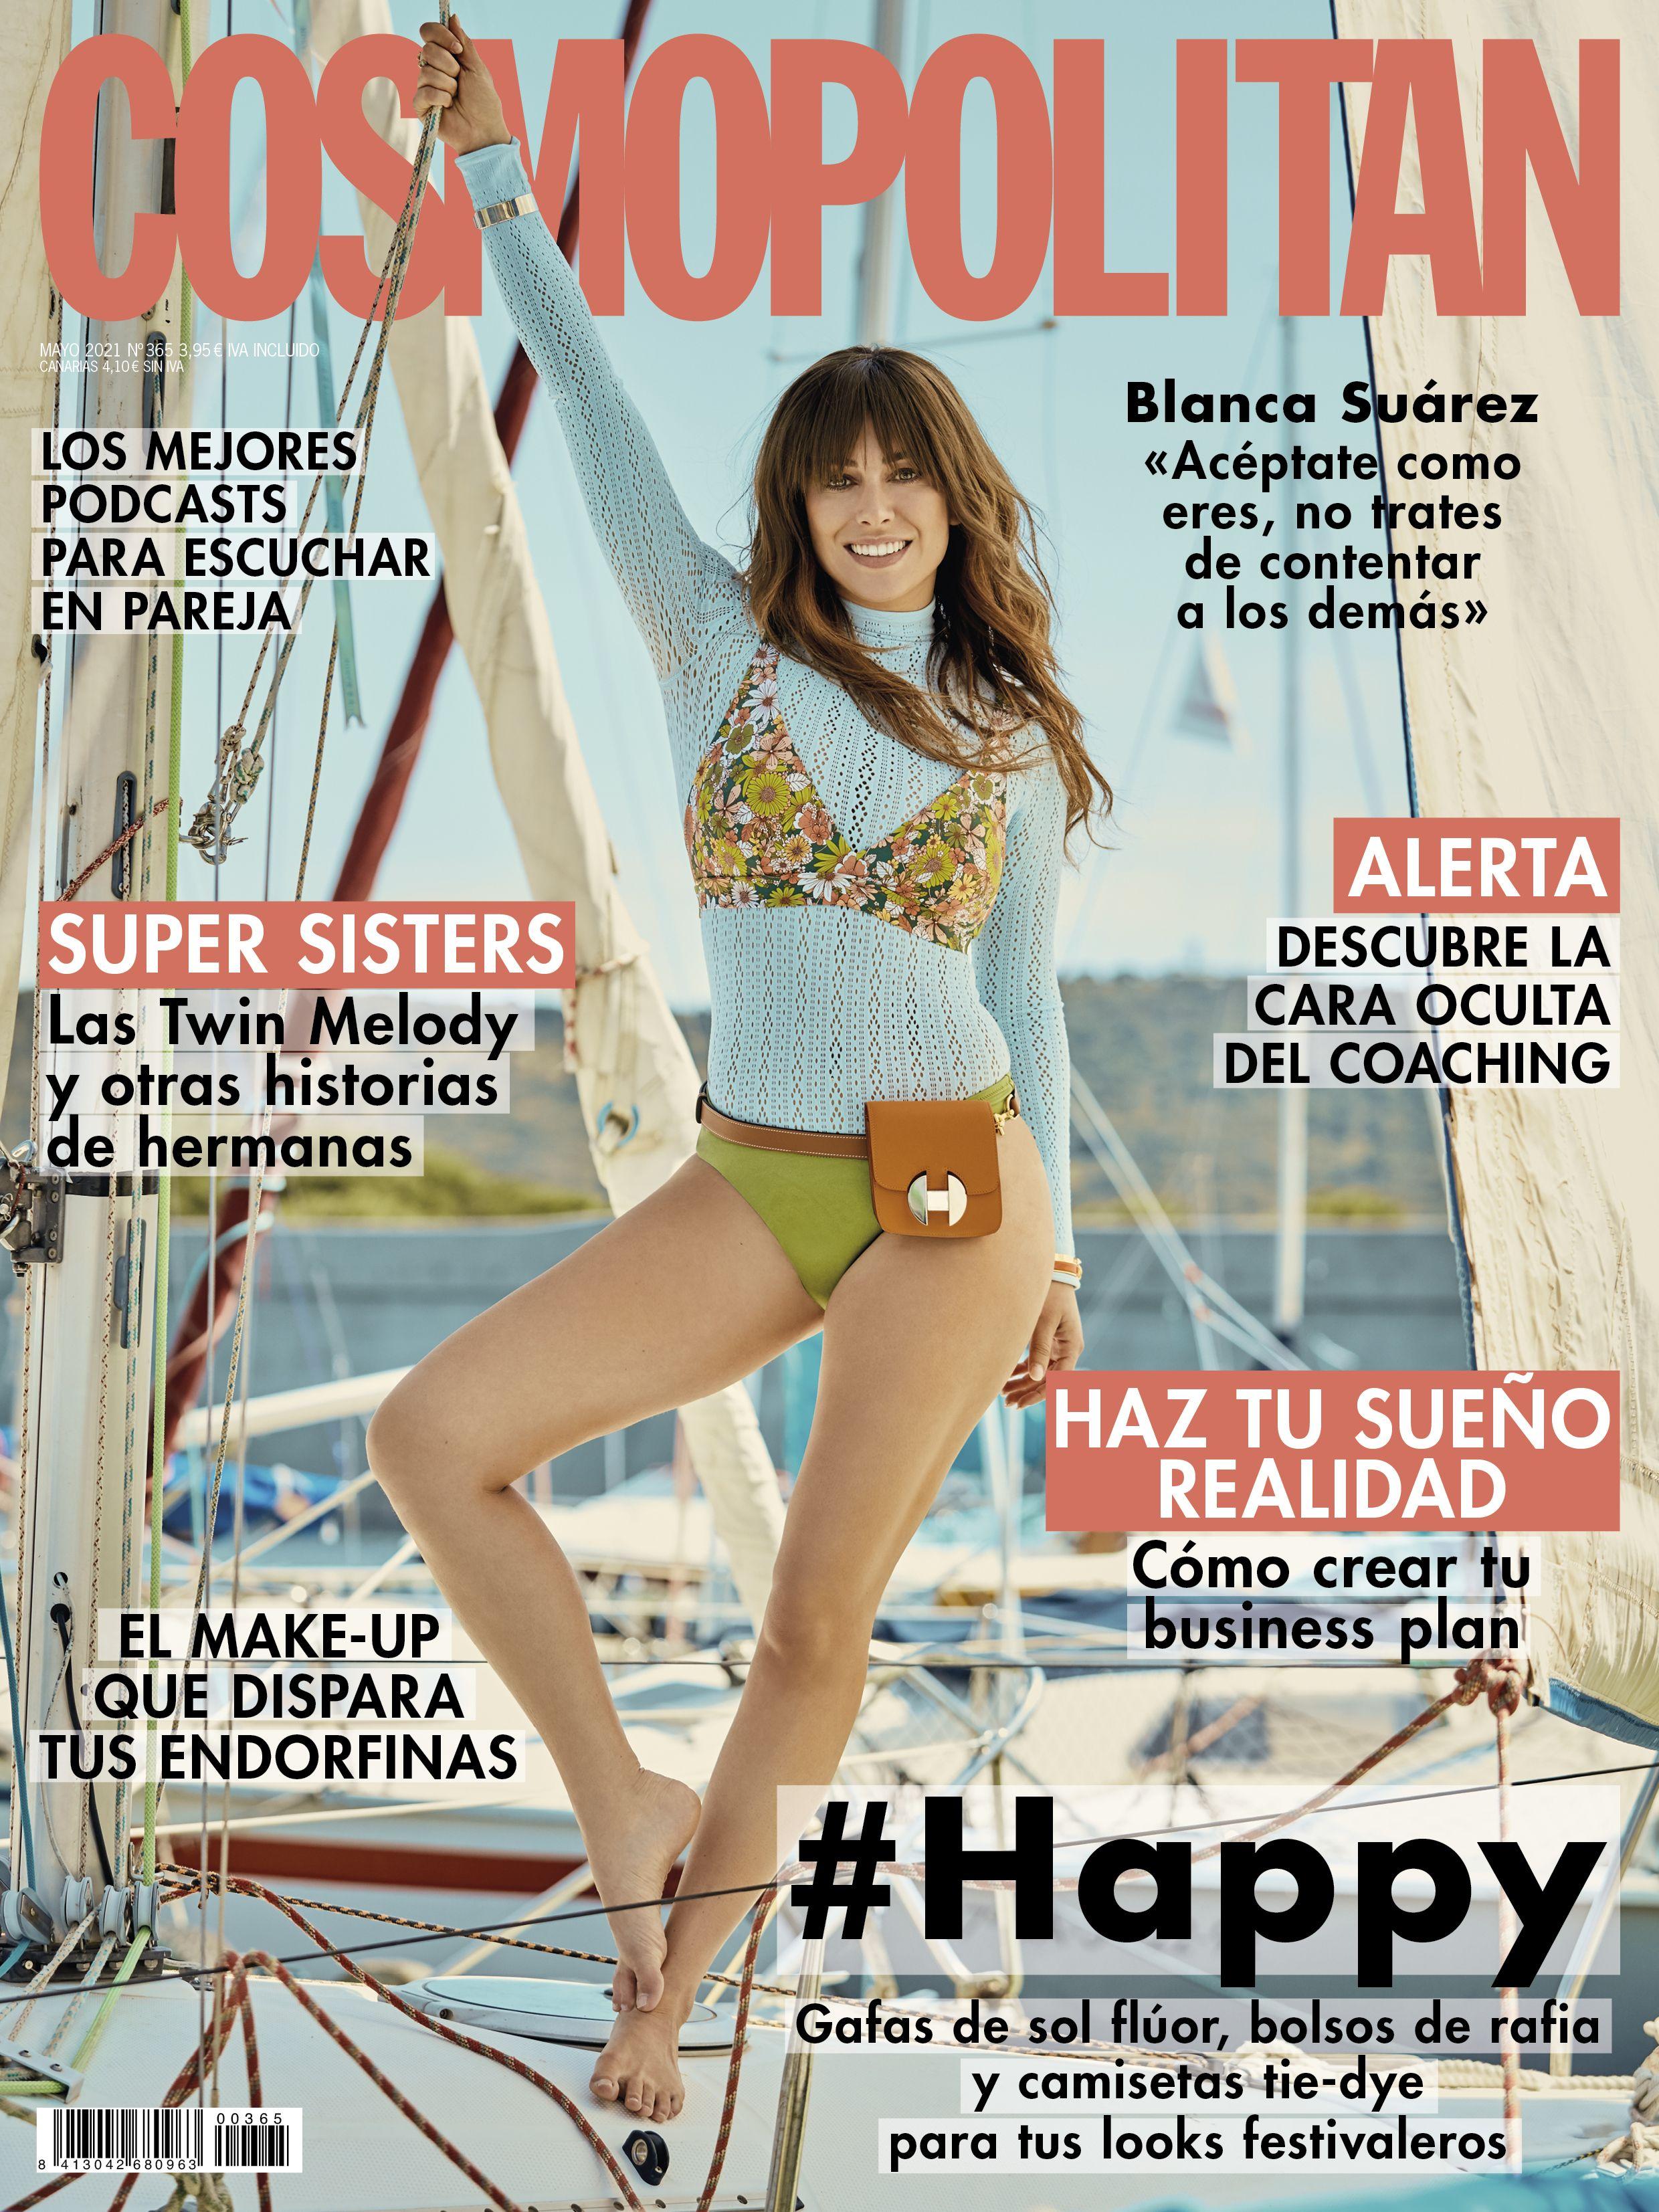 La actriz Blanca Suárez, portada de COSMOPOLITAN mayo